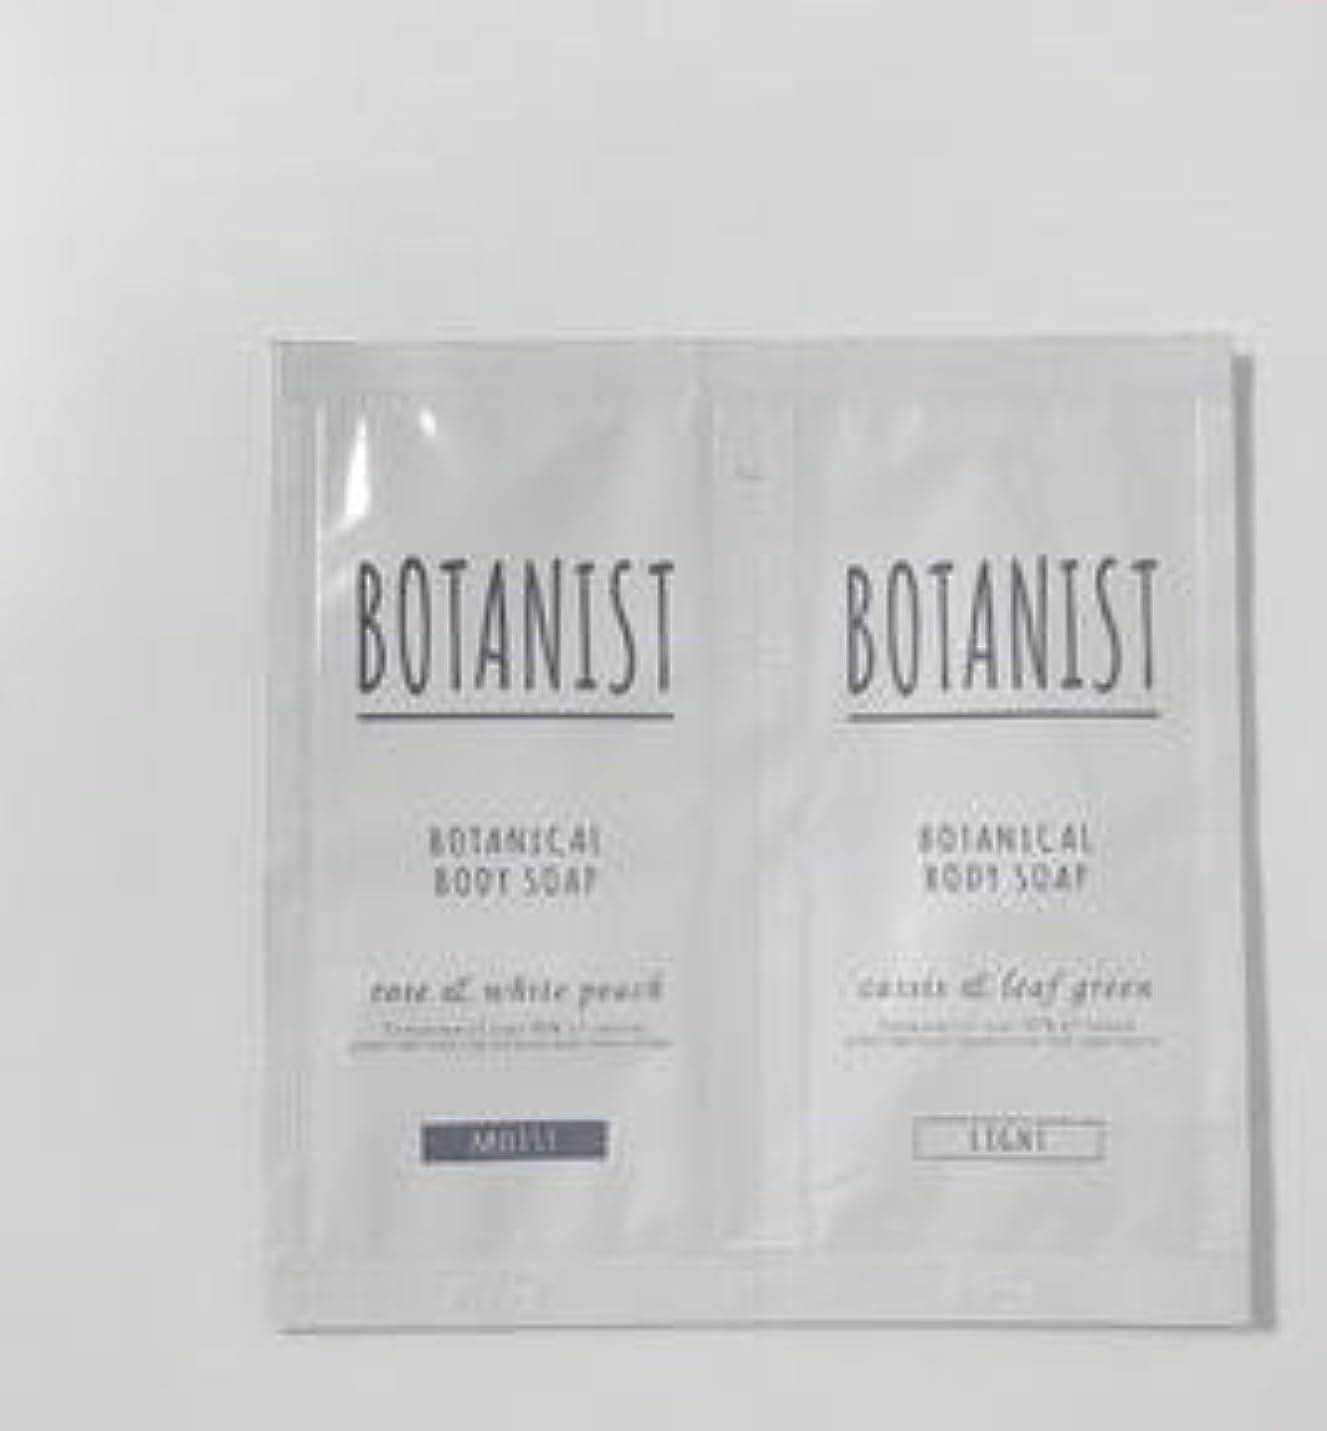 甘美なリテラシー累計BOTANIST ボタニカル ボディーソープ ライト&モイスト トライアルセット 8ml×2 (ライト&モイスト, 1個)